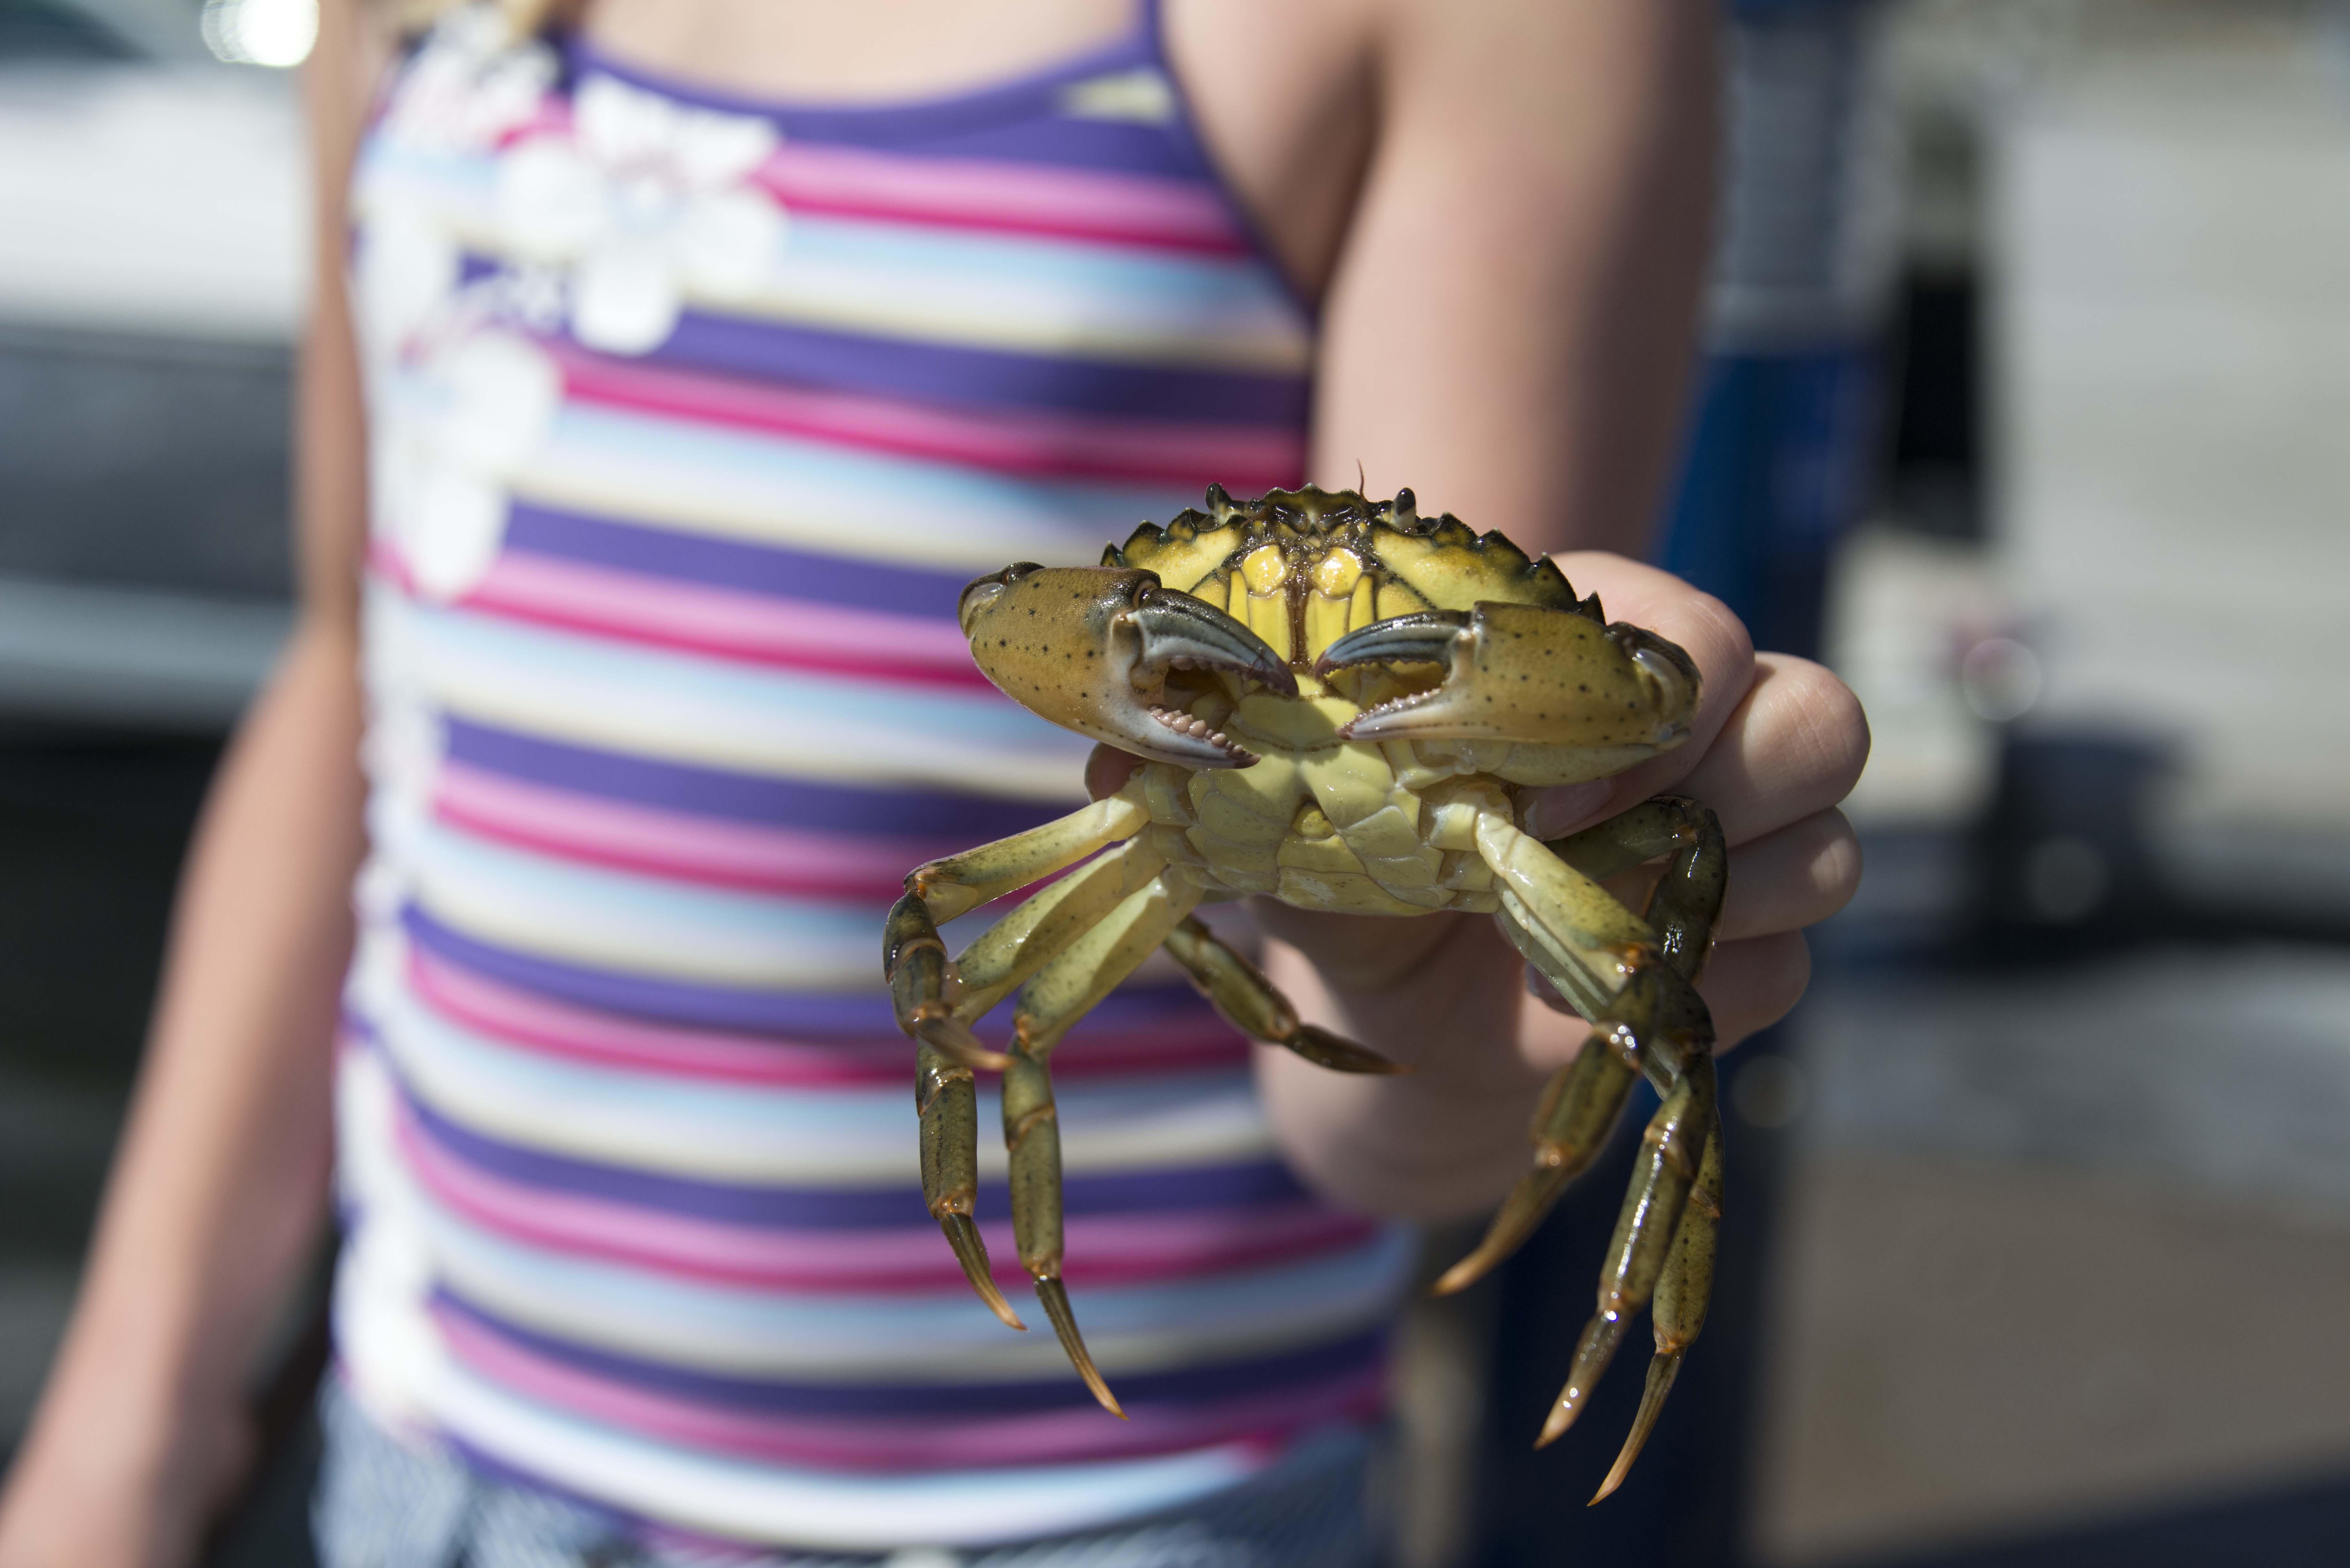 En flicka håller en liten krabba i sin hand